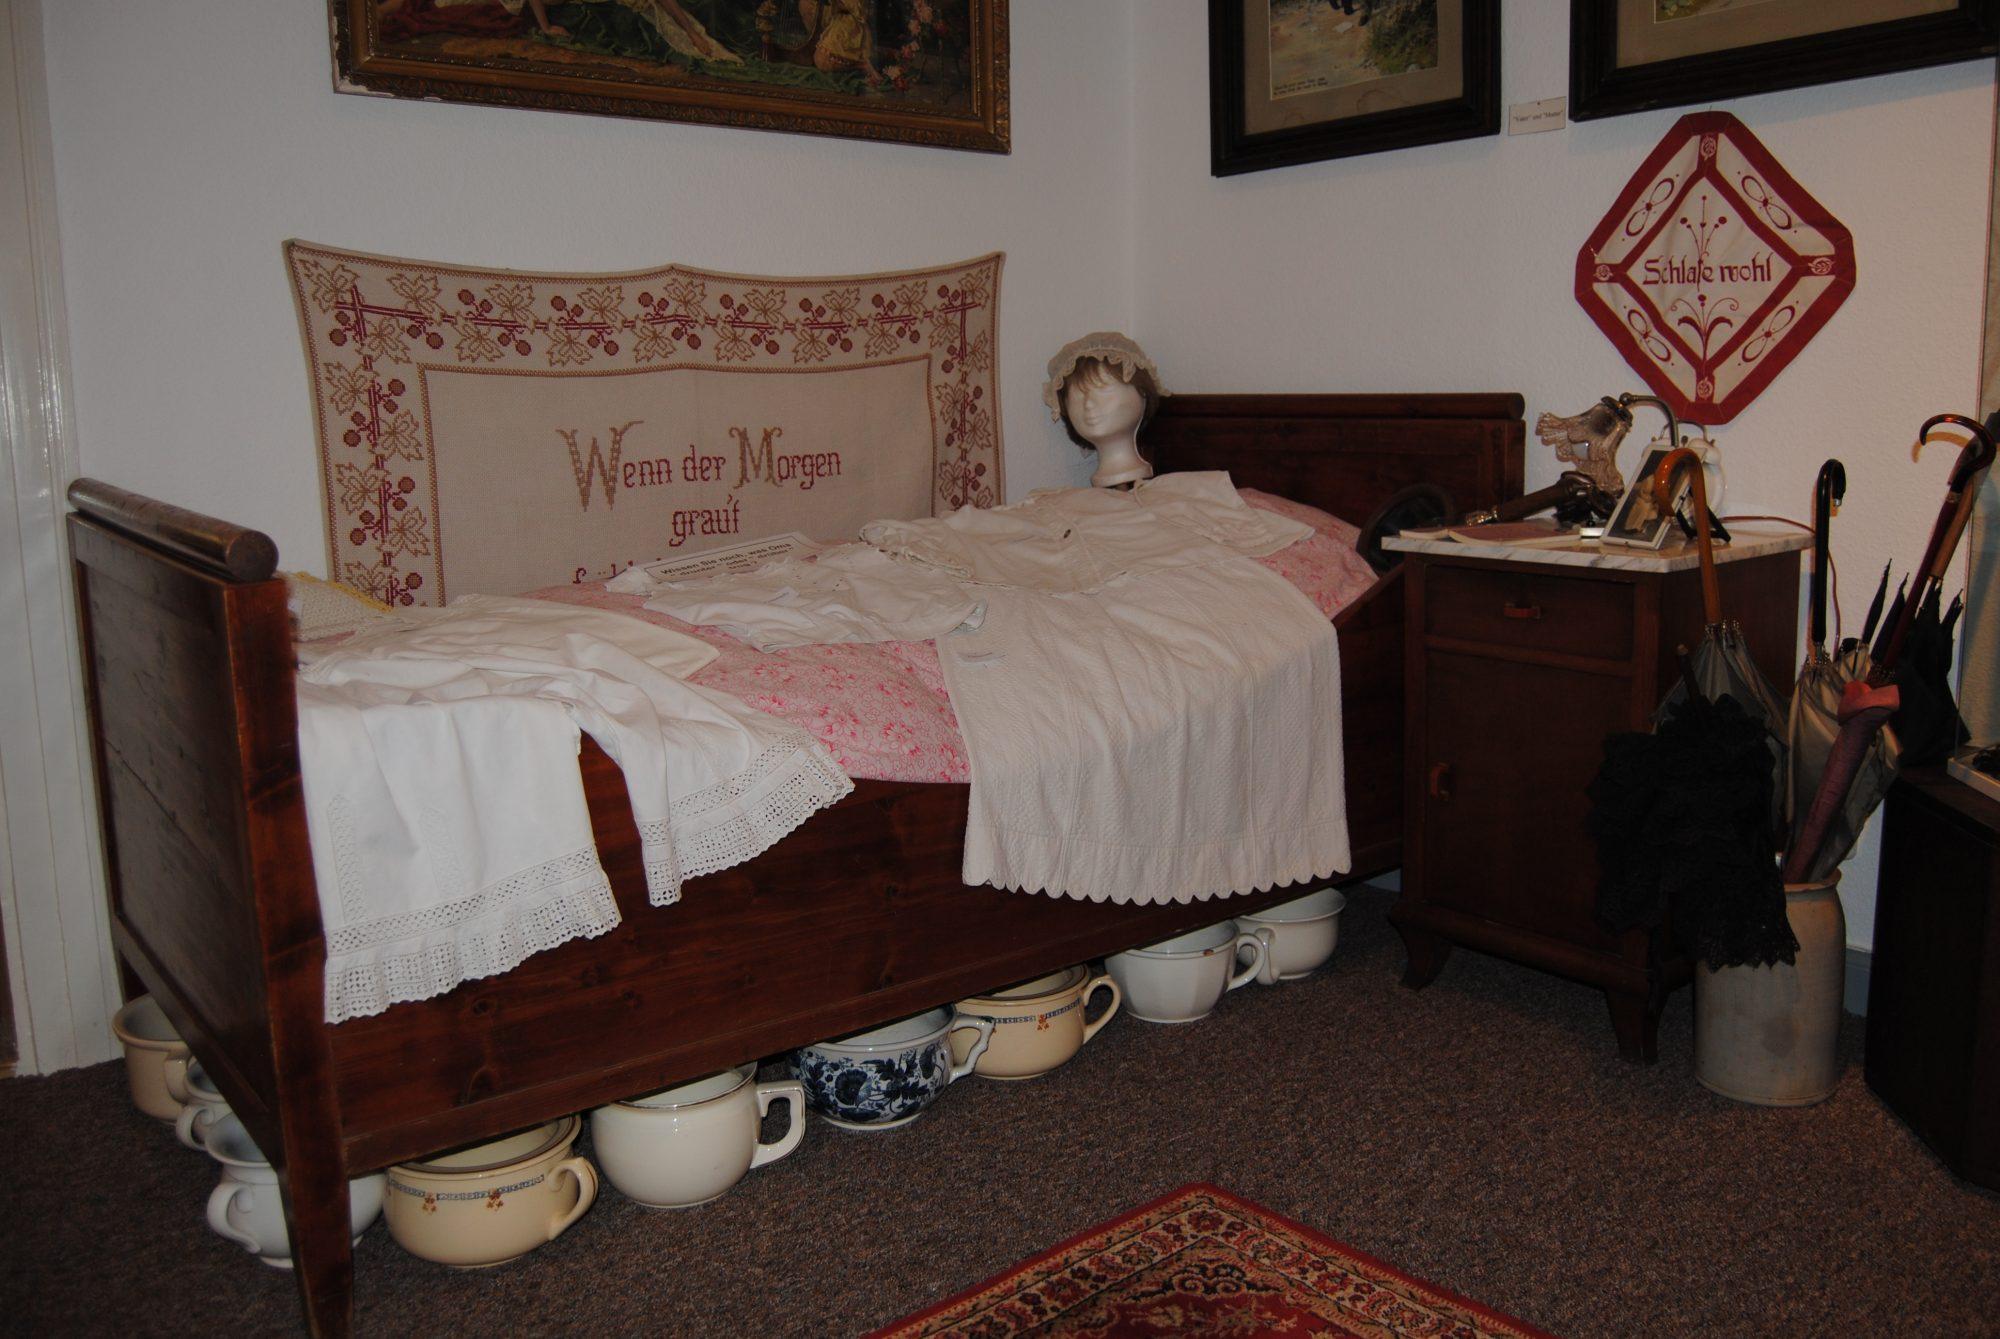 Ein altes Schlafzimmer... mit Mutti, Papa, Kindern, Oma und Opa in einem Raum...